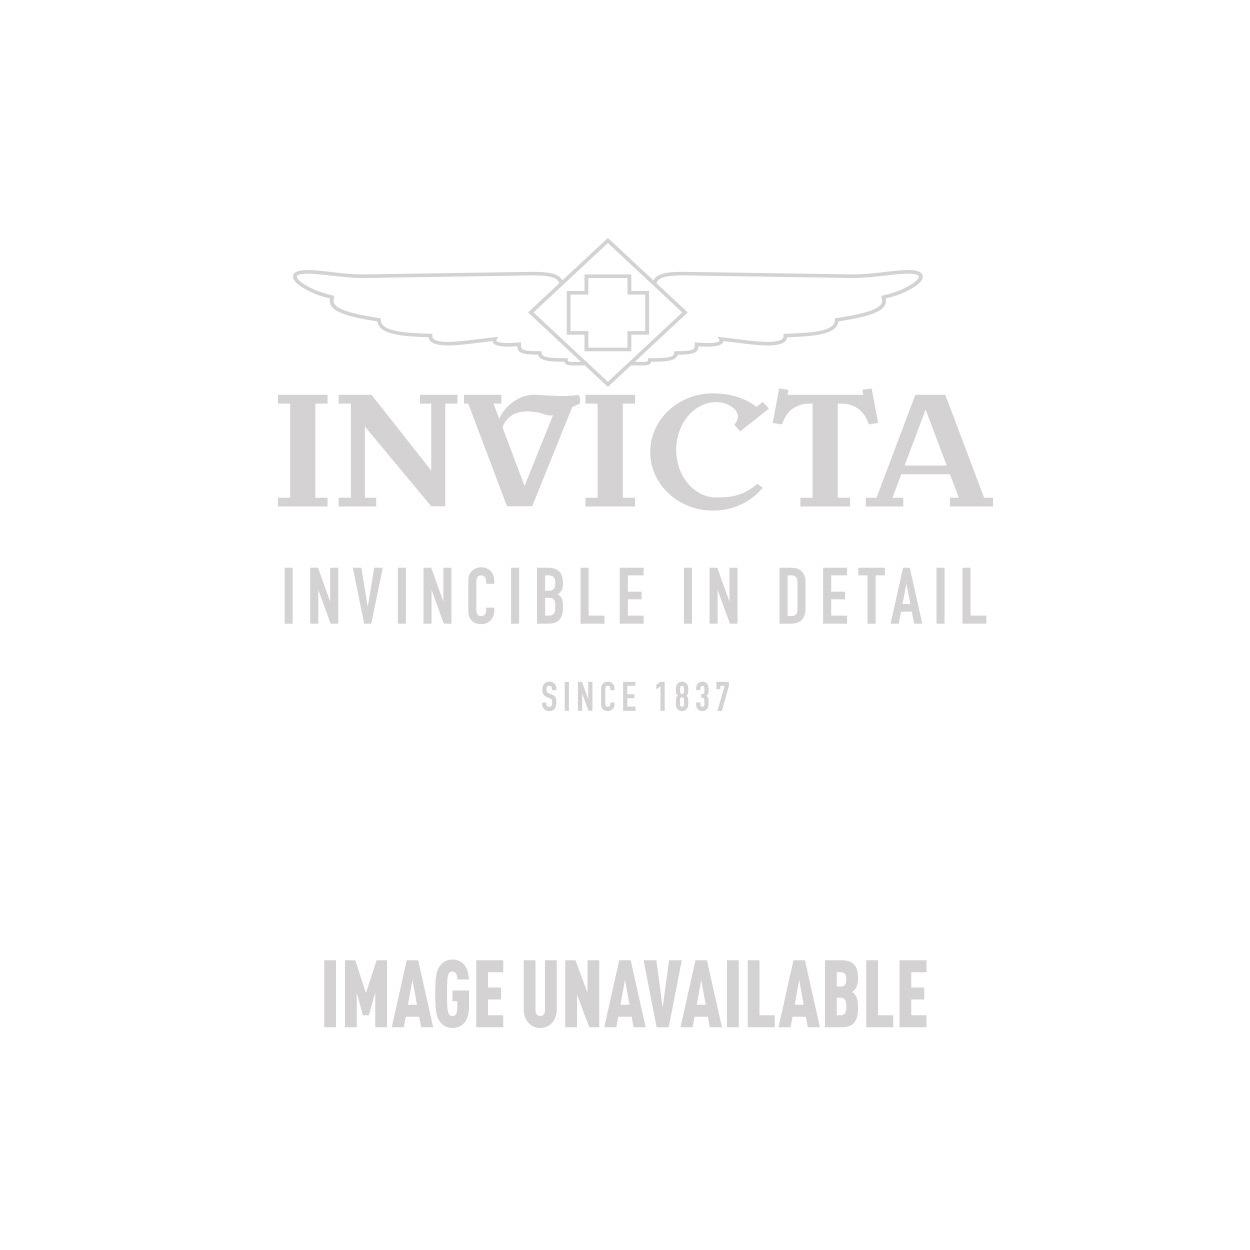 Invicta Model 27565